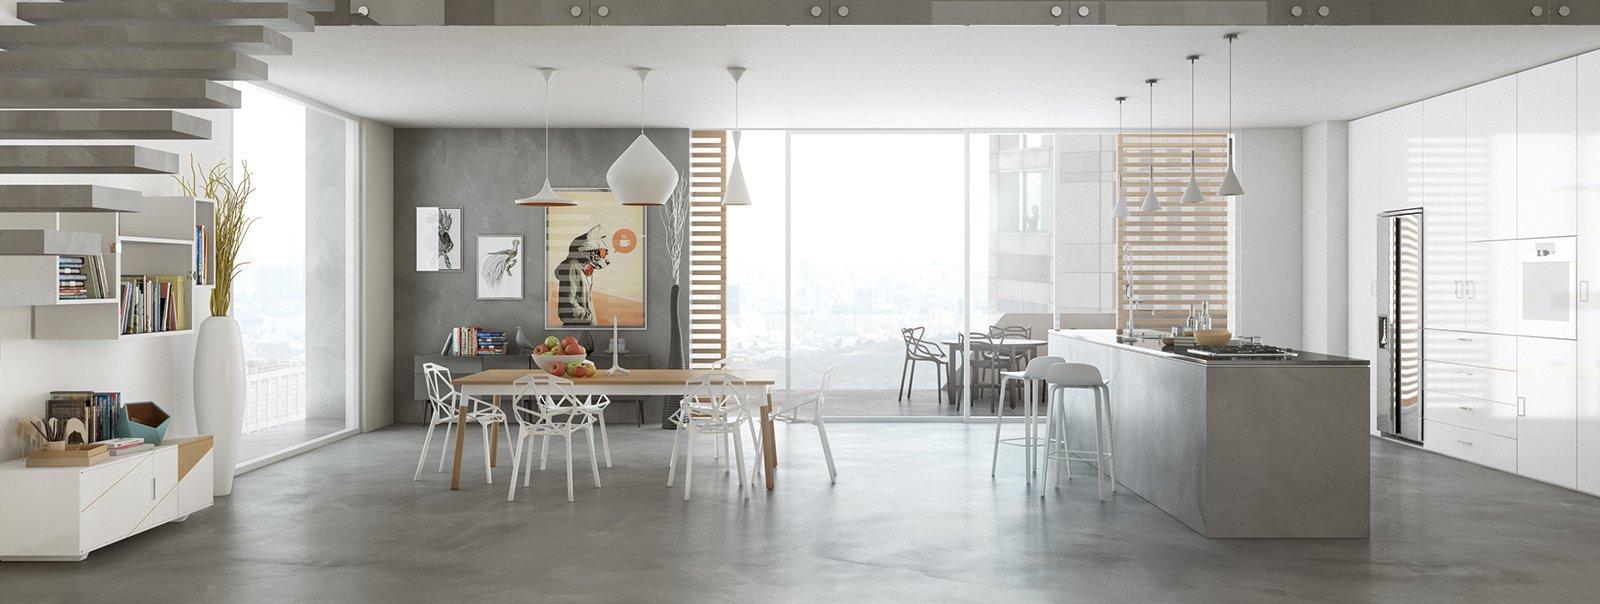 Resina: rivestimenti per pavimenti, pareti, piani di lavoro e soffitti - Cose di Casa